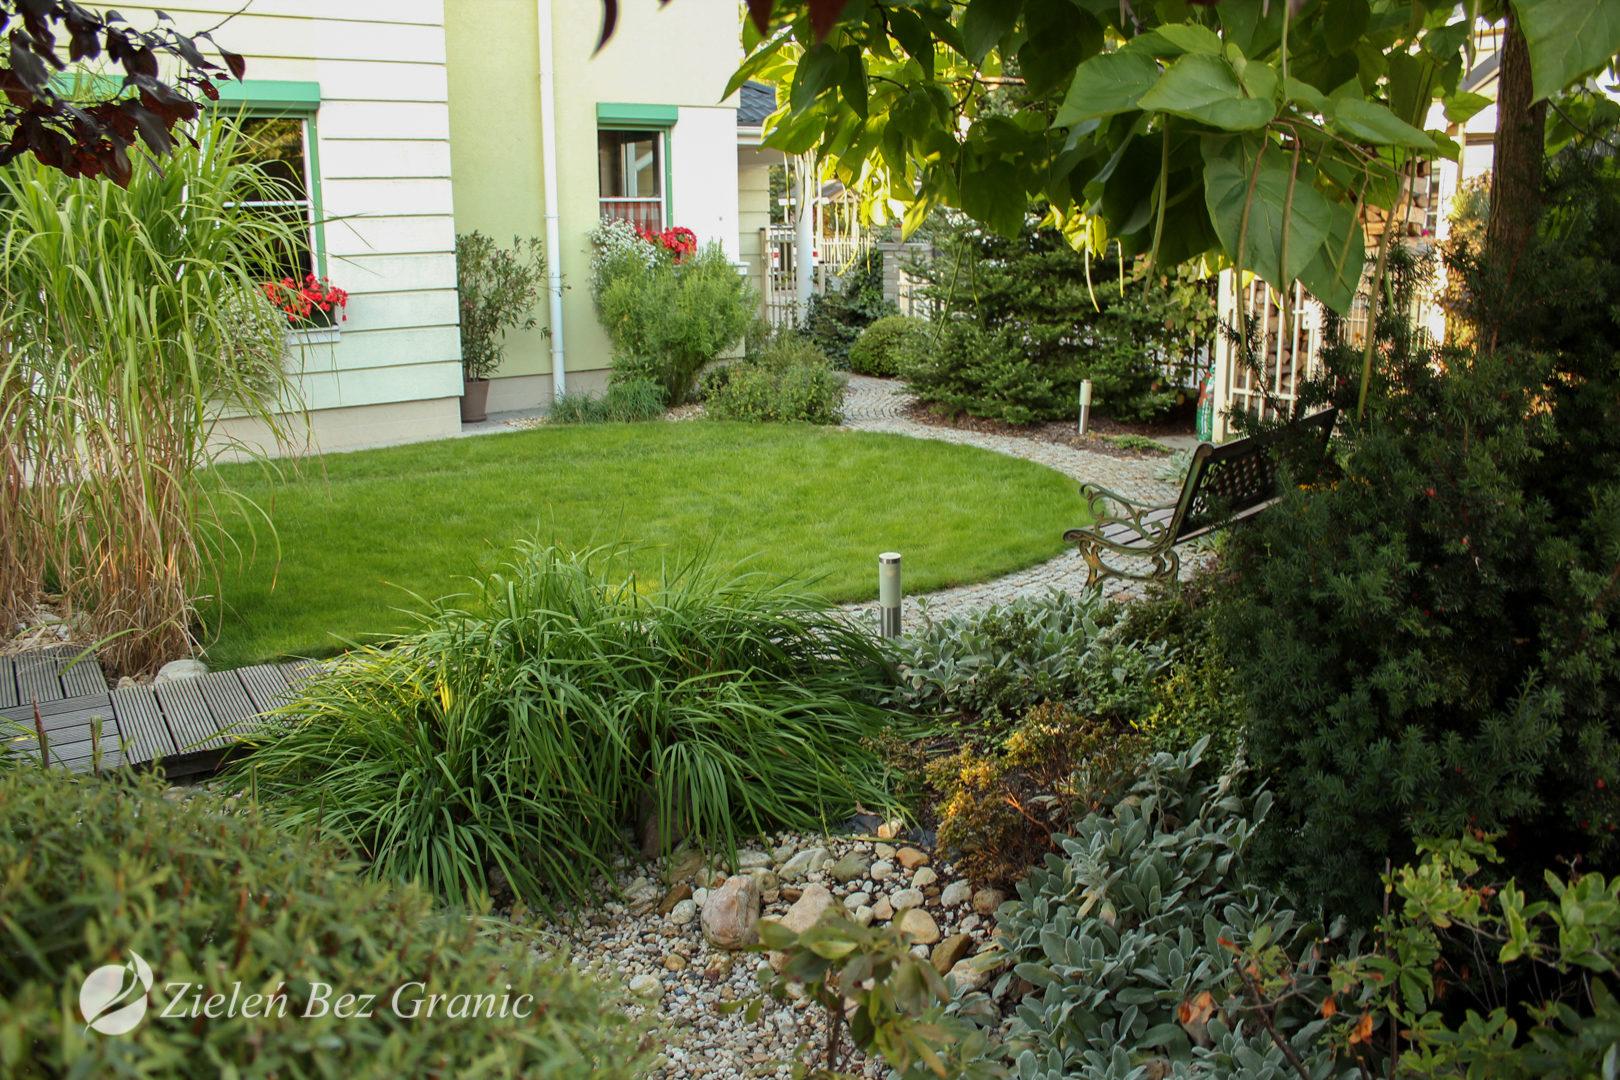 Niewielki ogród zaaranżowany w klasycznym stylu.